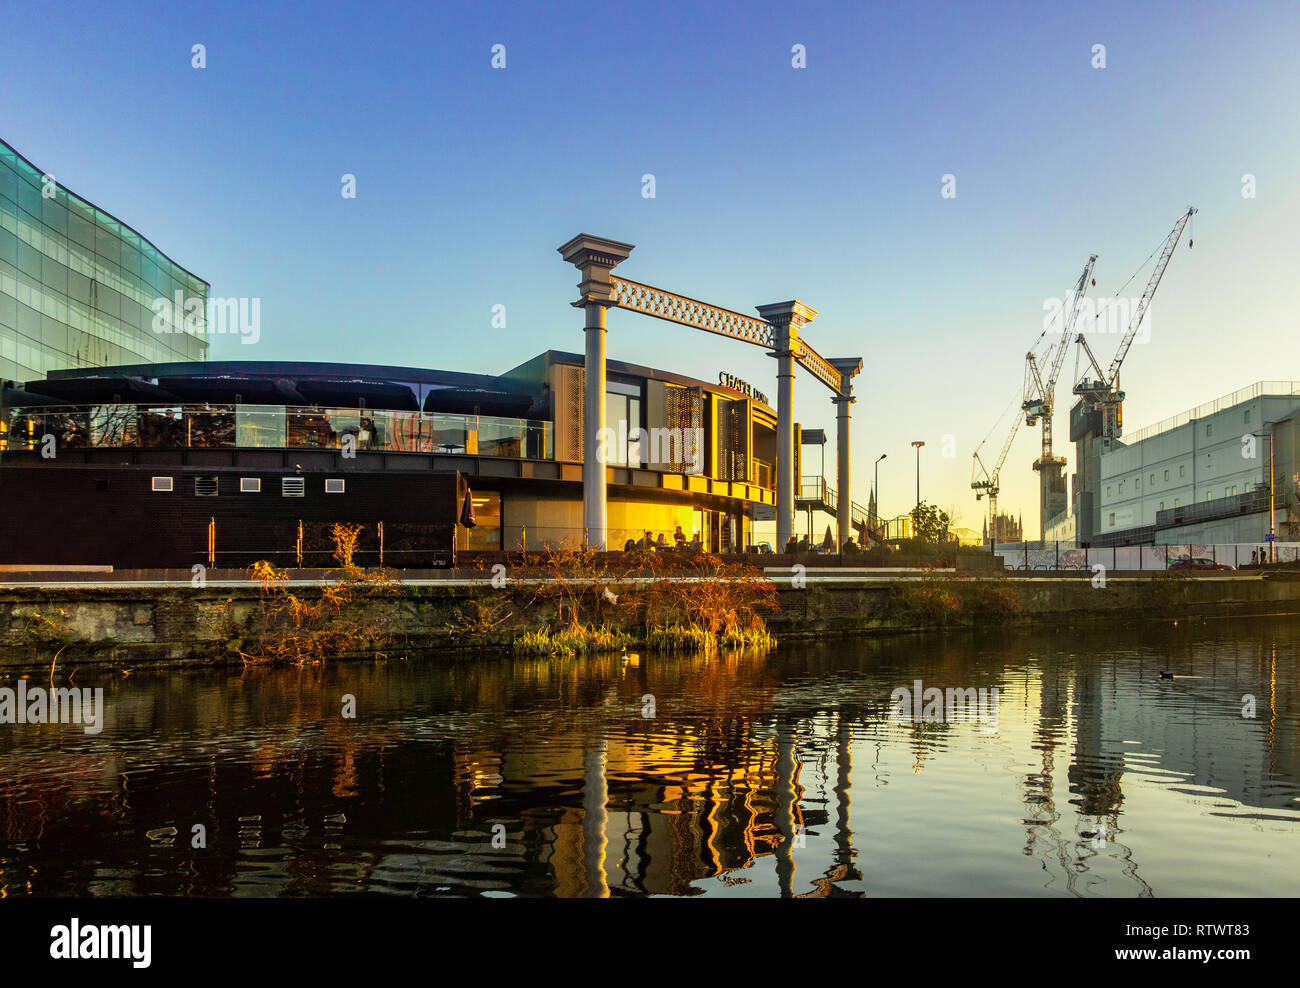 Sonnenuntergang über dem Regents Canal von Chapel Down Gin arbeitet und die Baustelle des neuen Google UK HQ in Kings Cross, London, England Stockfoto